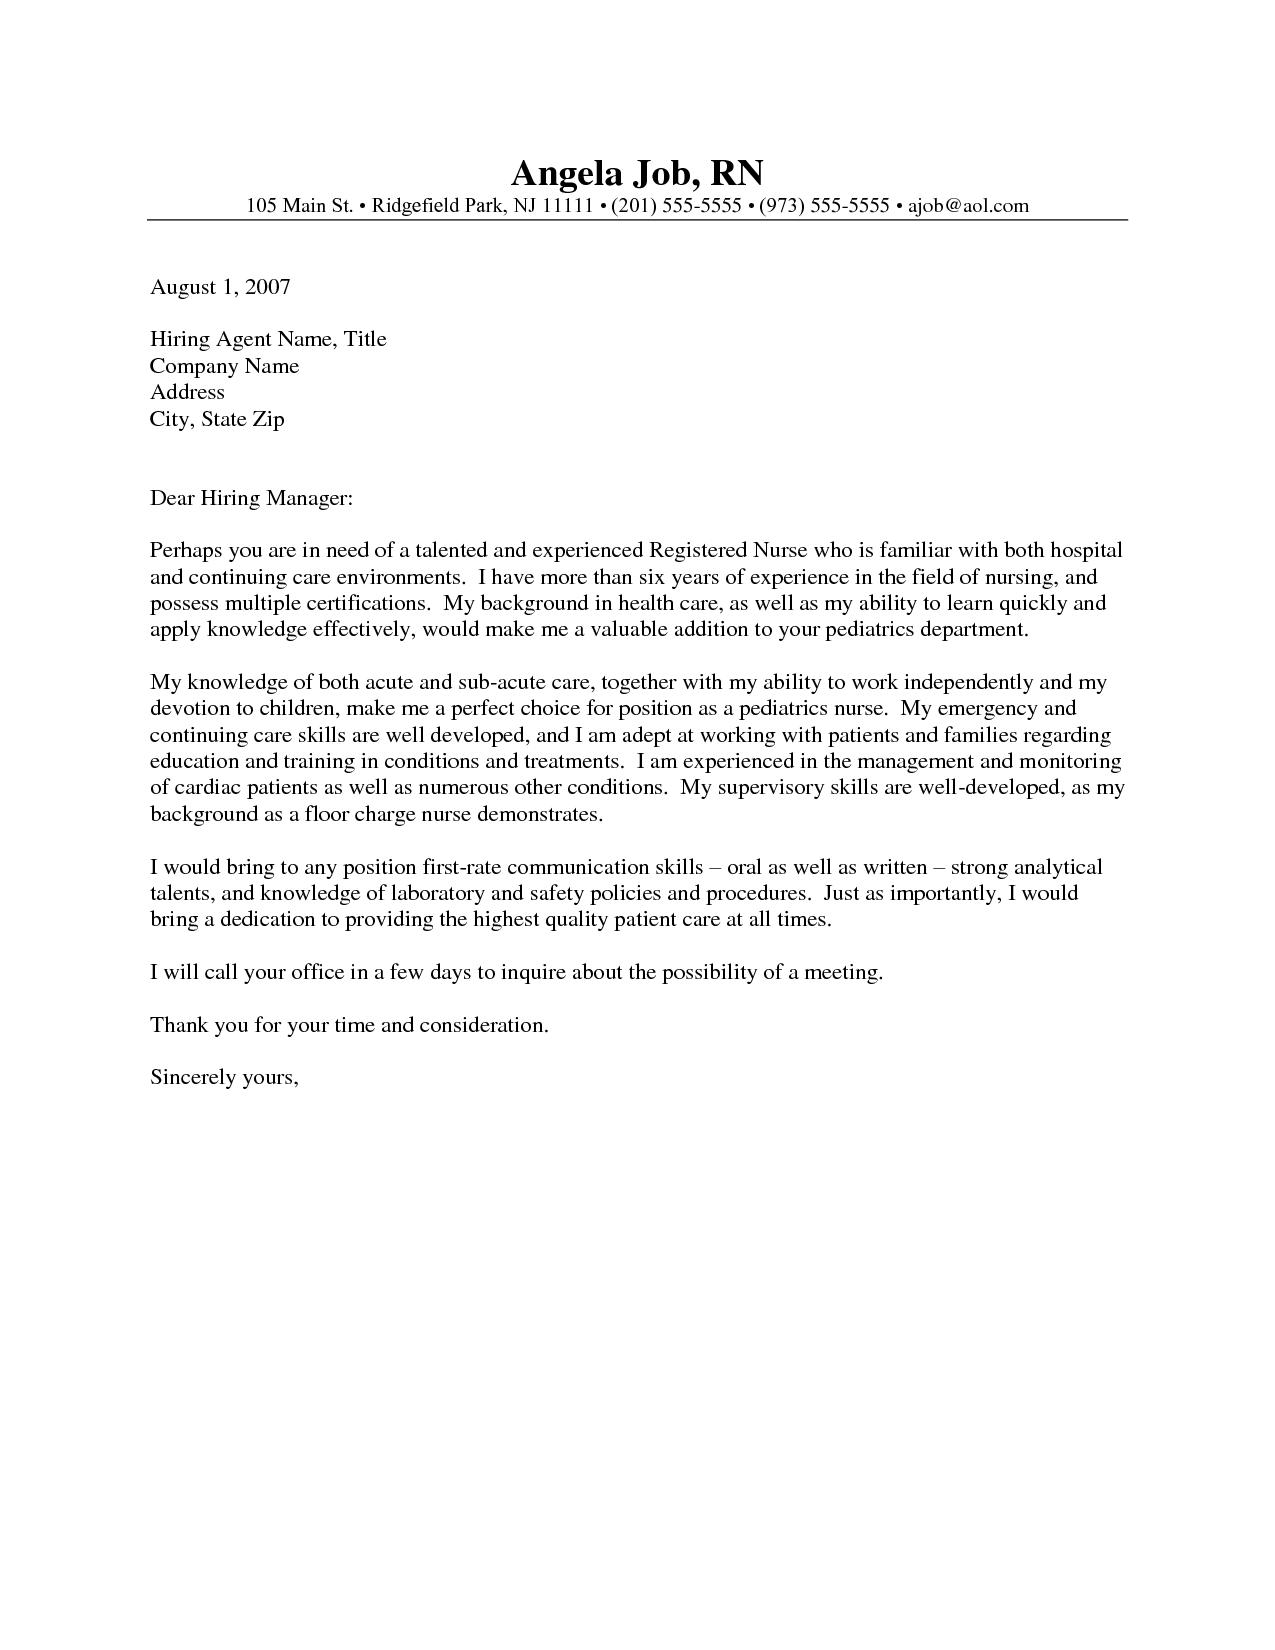 New Graduate Nursing Cover Letter Cover Letter For Resume Nursing Cover Letter Nurse Cover